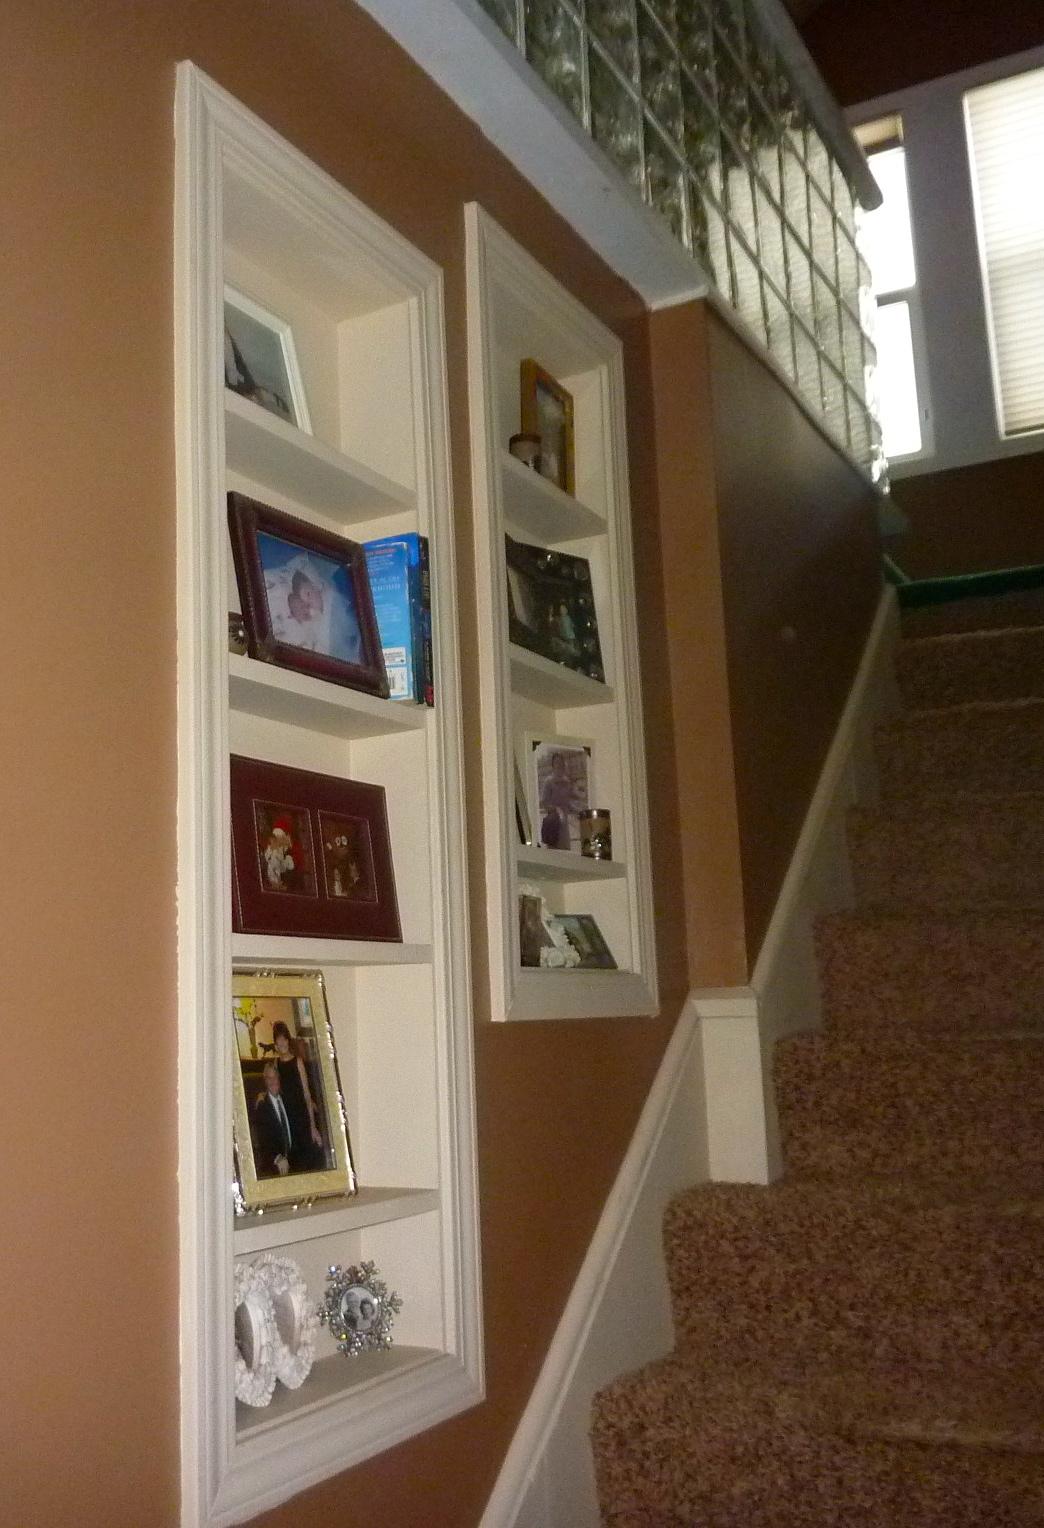 Stairway built in Shelves